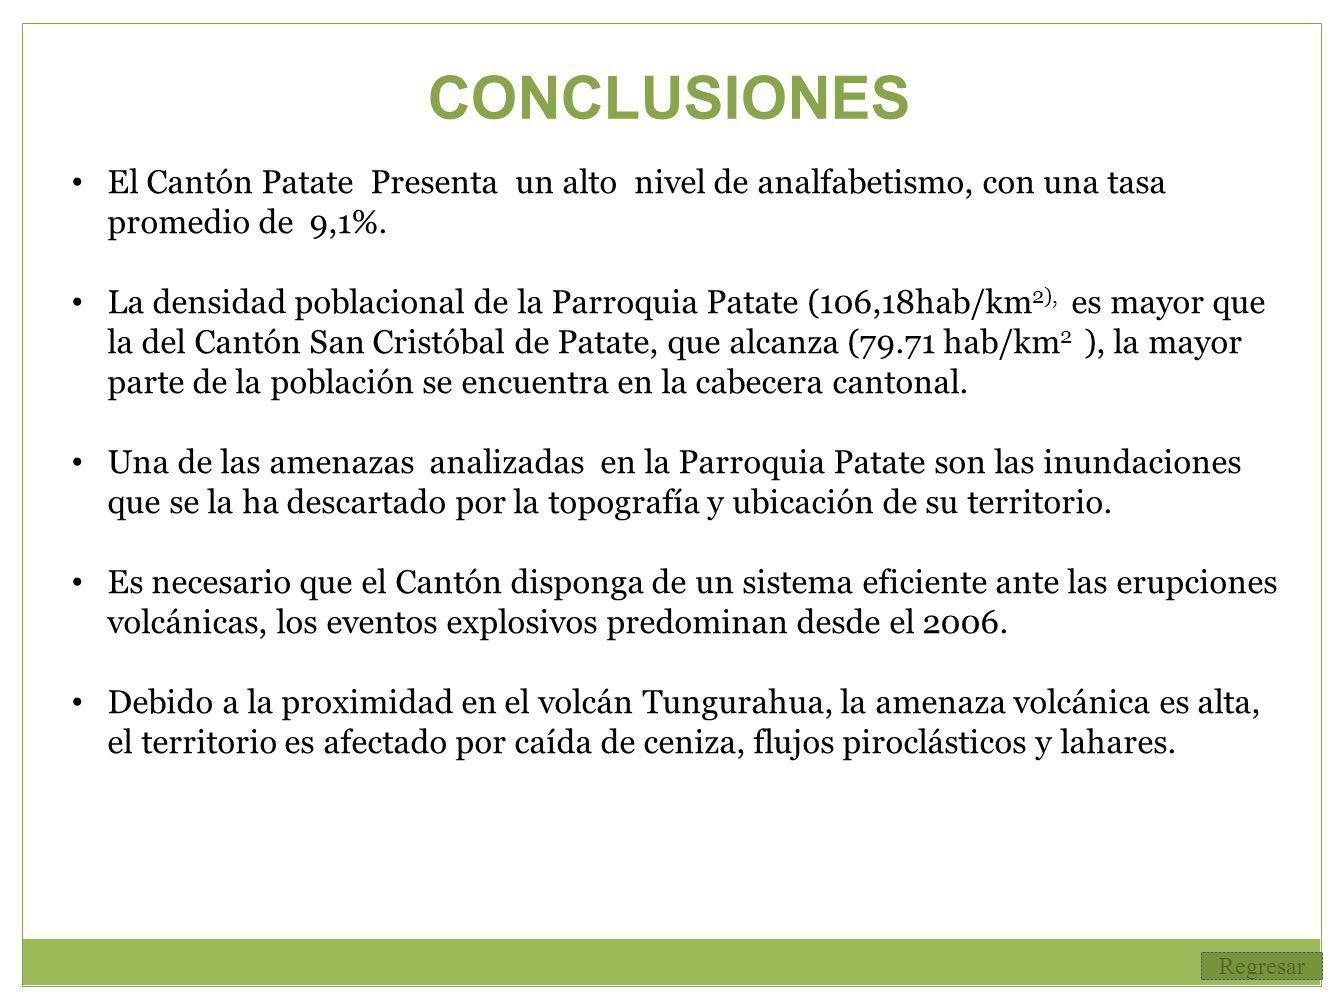 CONCLUSIONES El Cantón Patate Presenta un alto nivel de analfabetismo, con una tasa promedio de 9,1%.